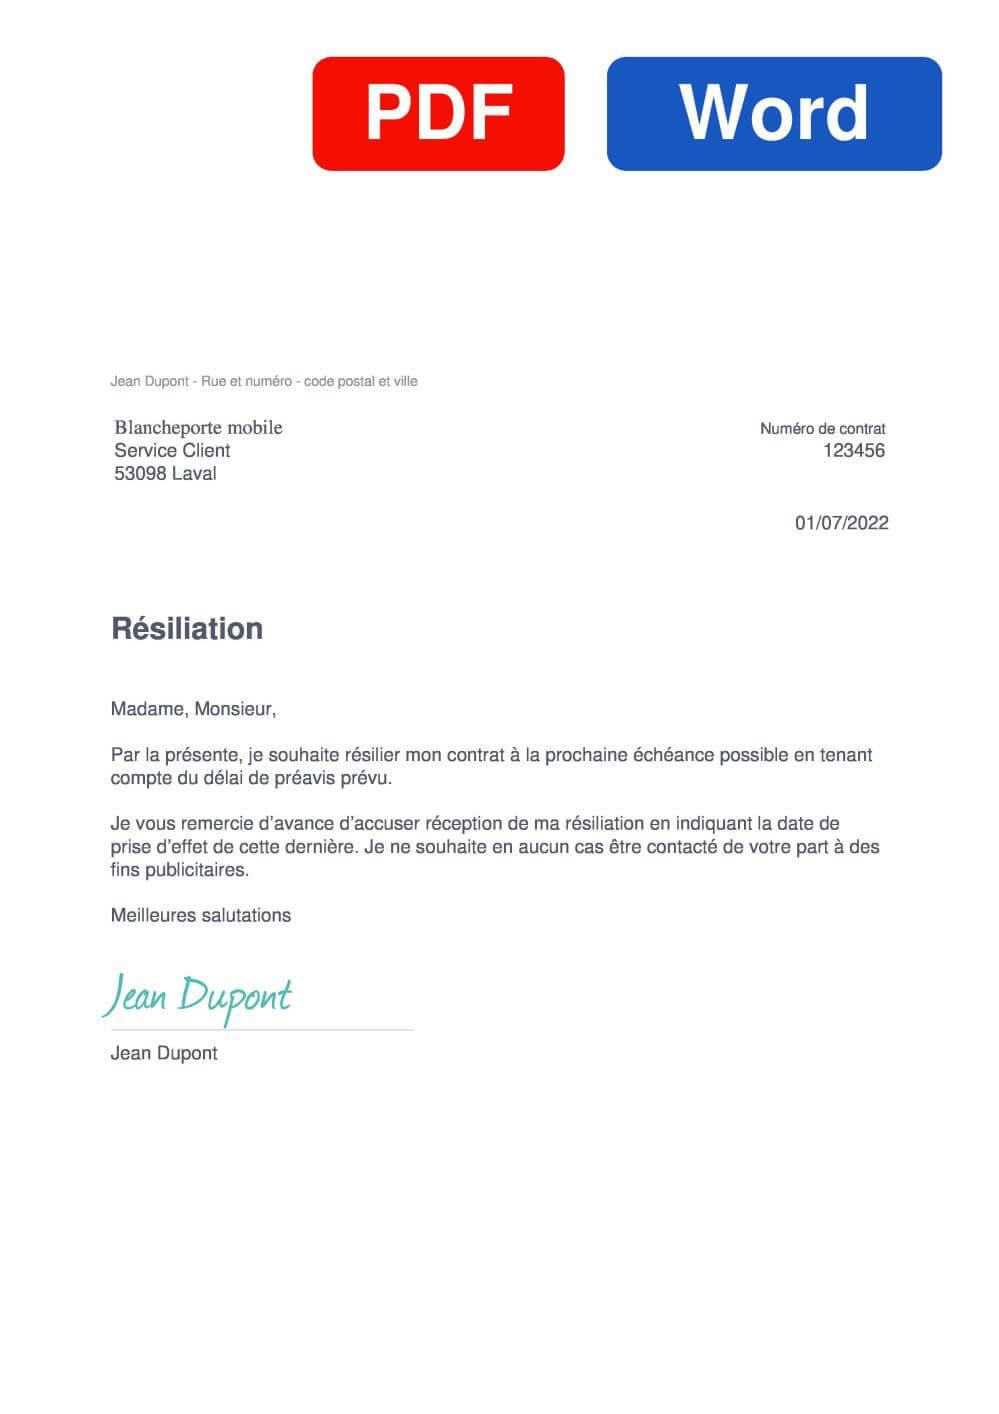 Blancheporte mobile Modèle de lettre de résiliation